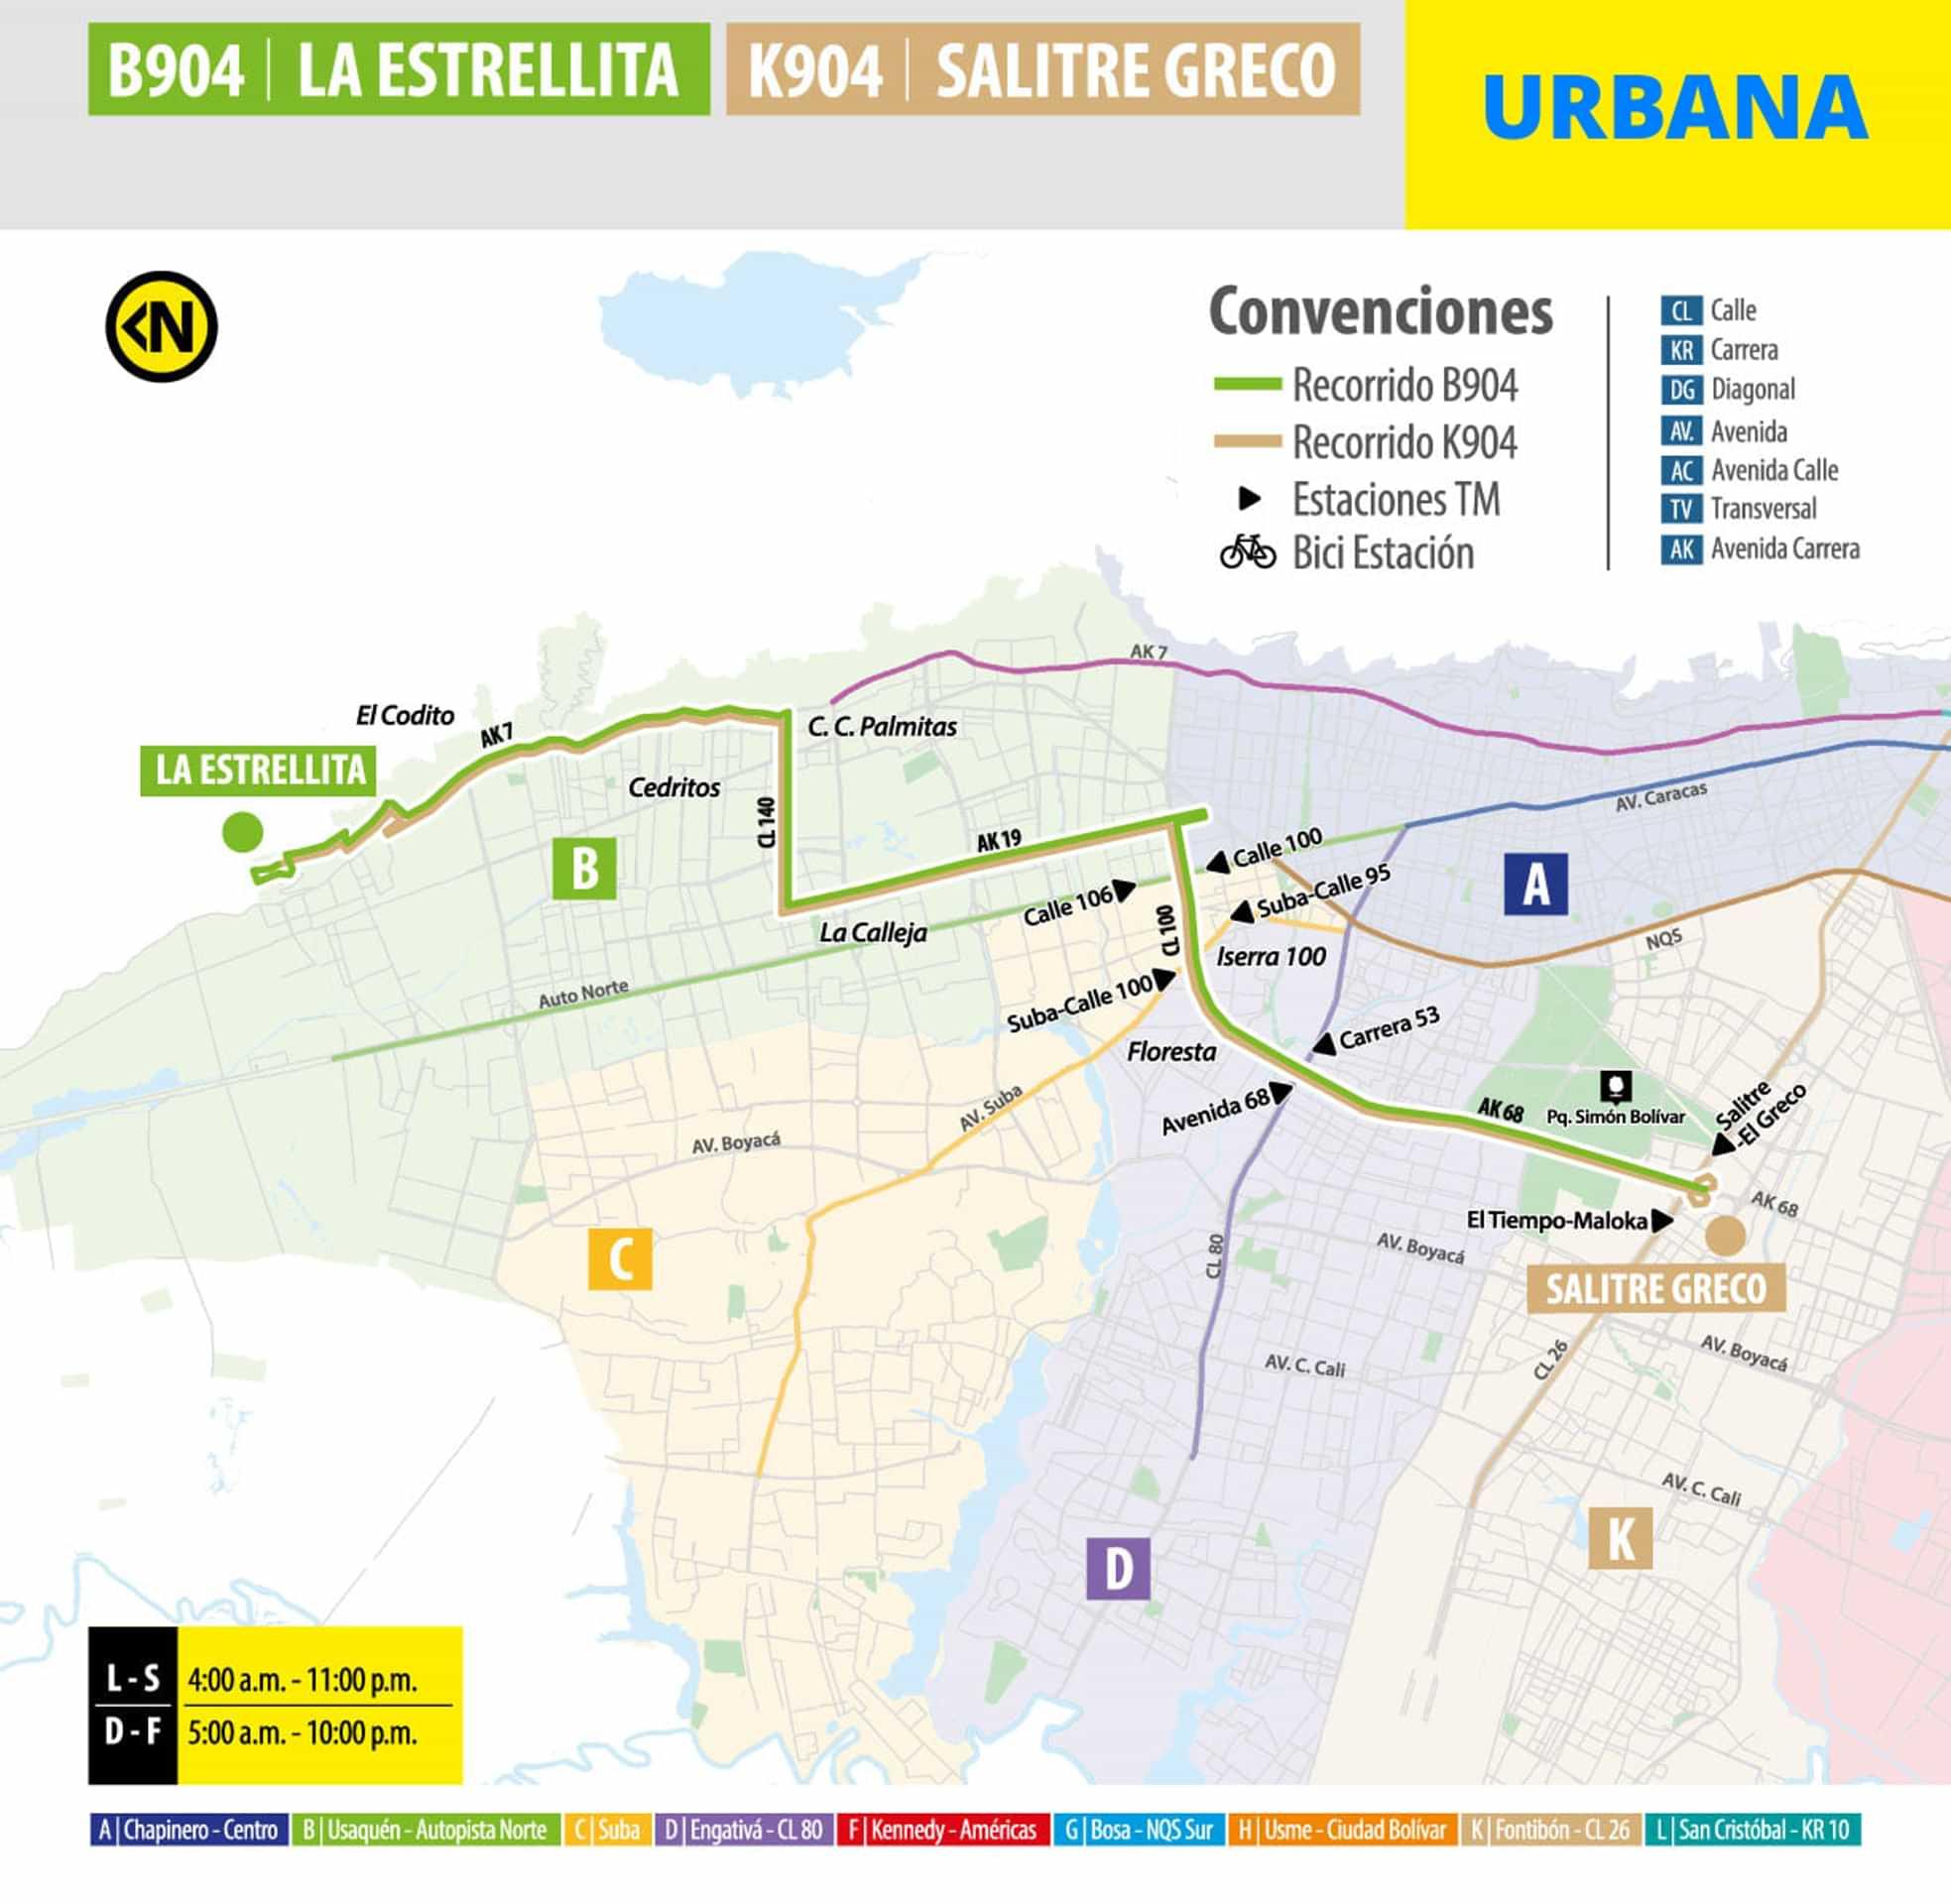 Ruta SITP: B904 - K904: La Estrellita - Salitre Greco (urbana)